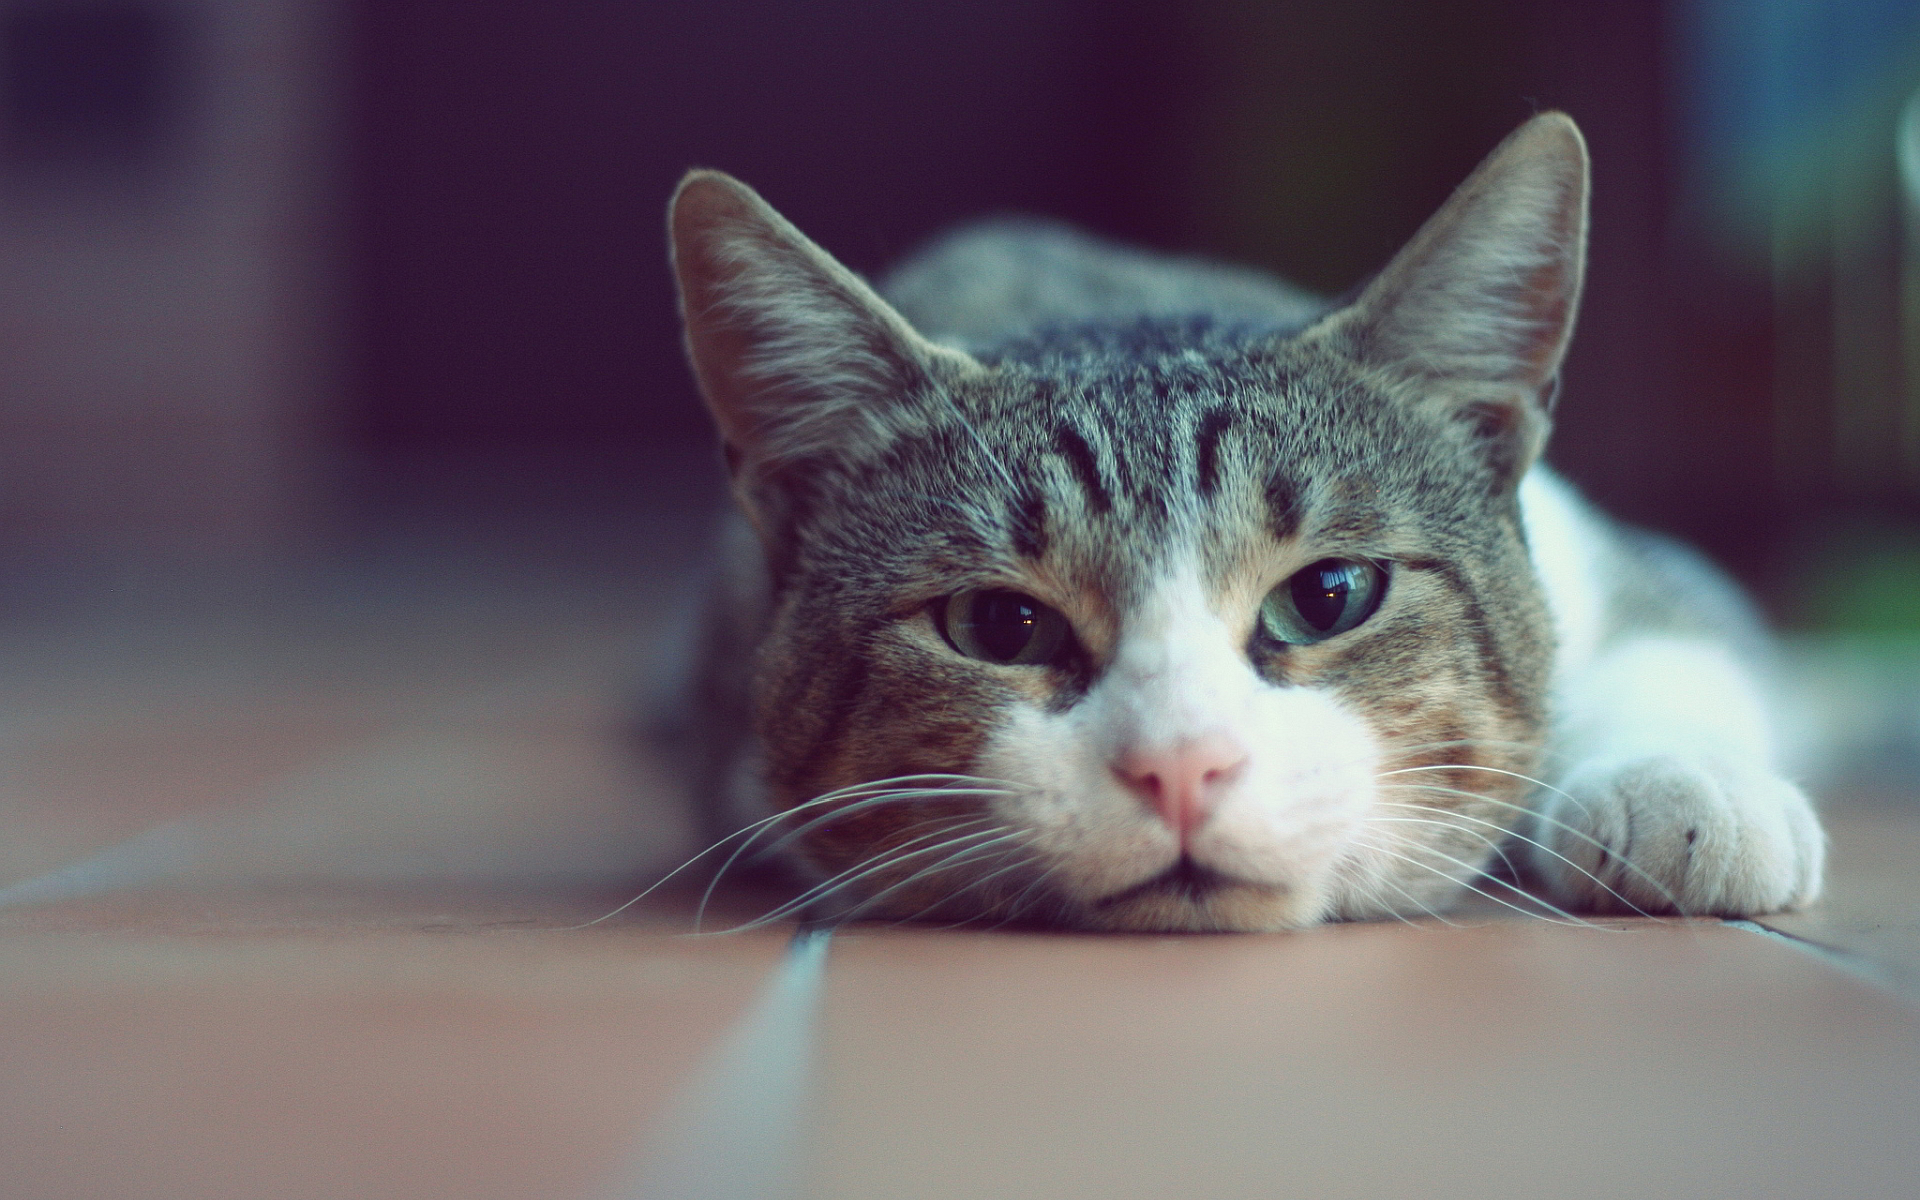 Cute lazy cat